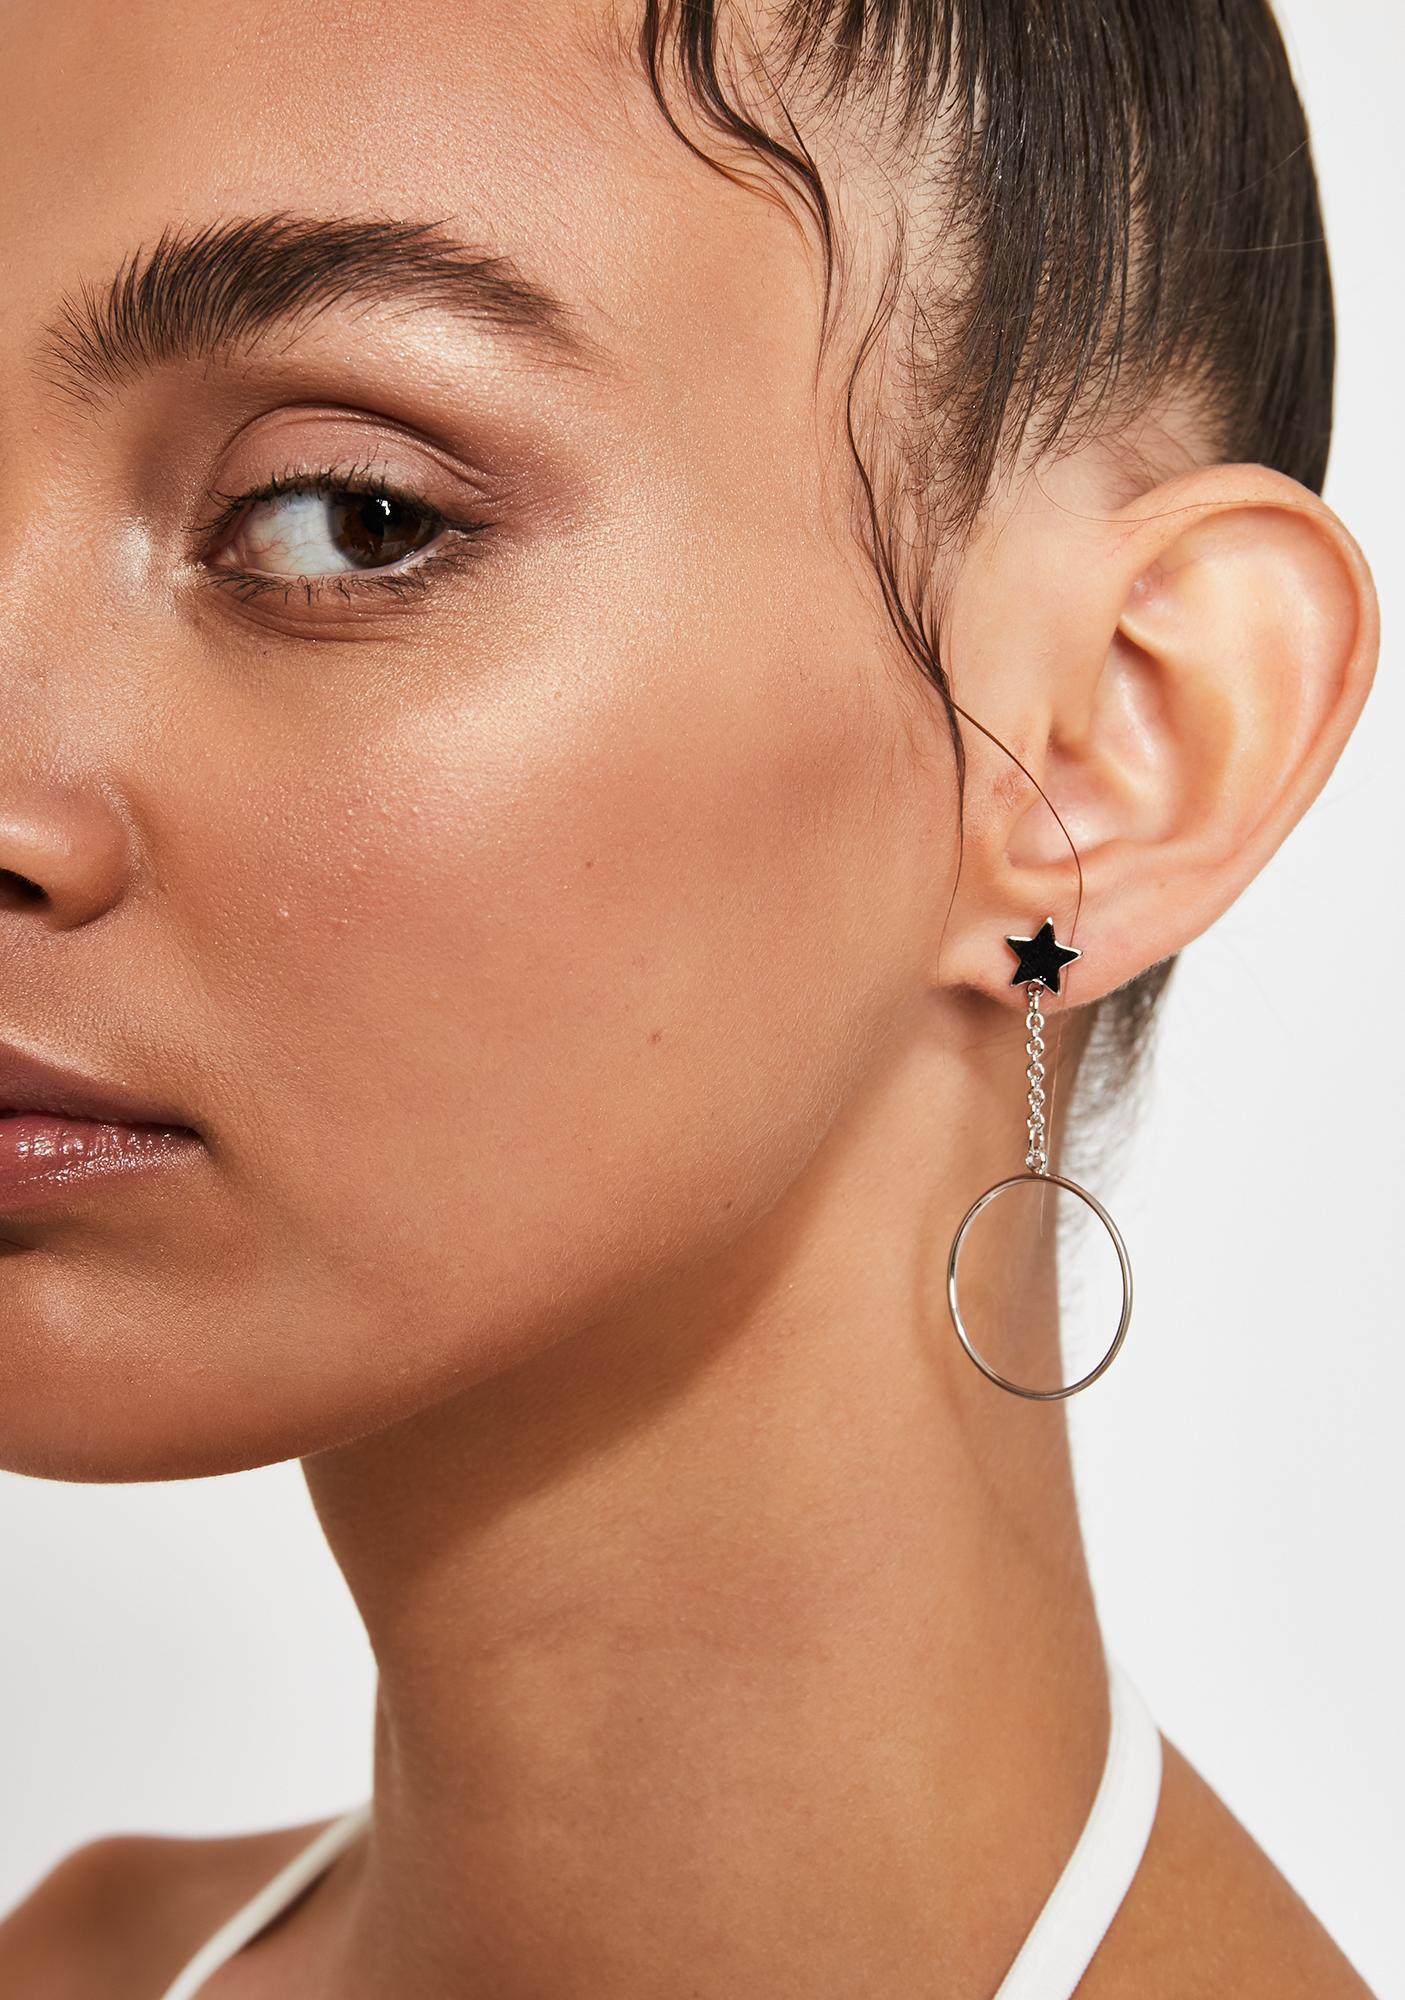 Stellar Shock Star Earrings